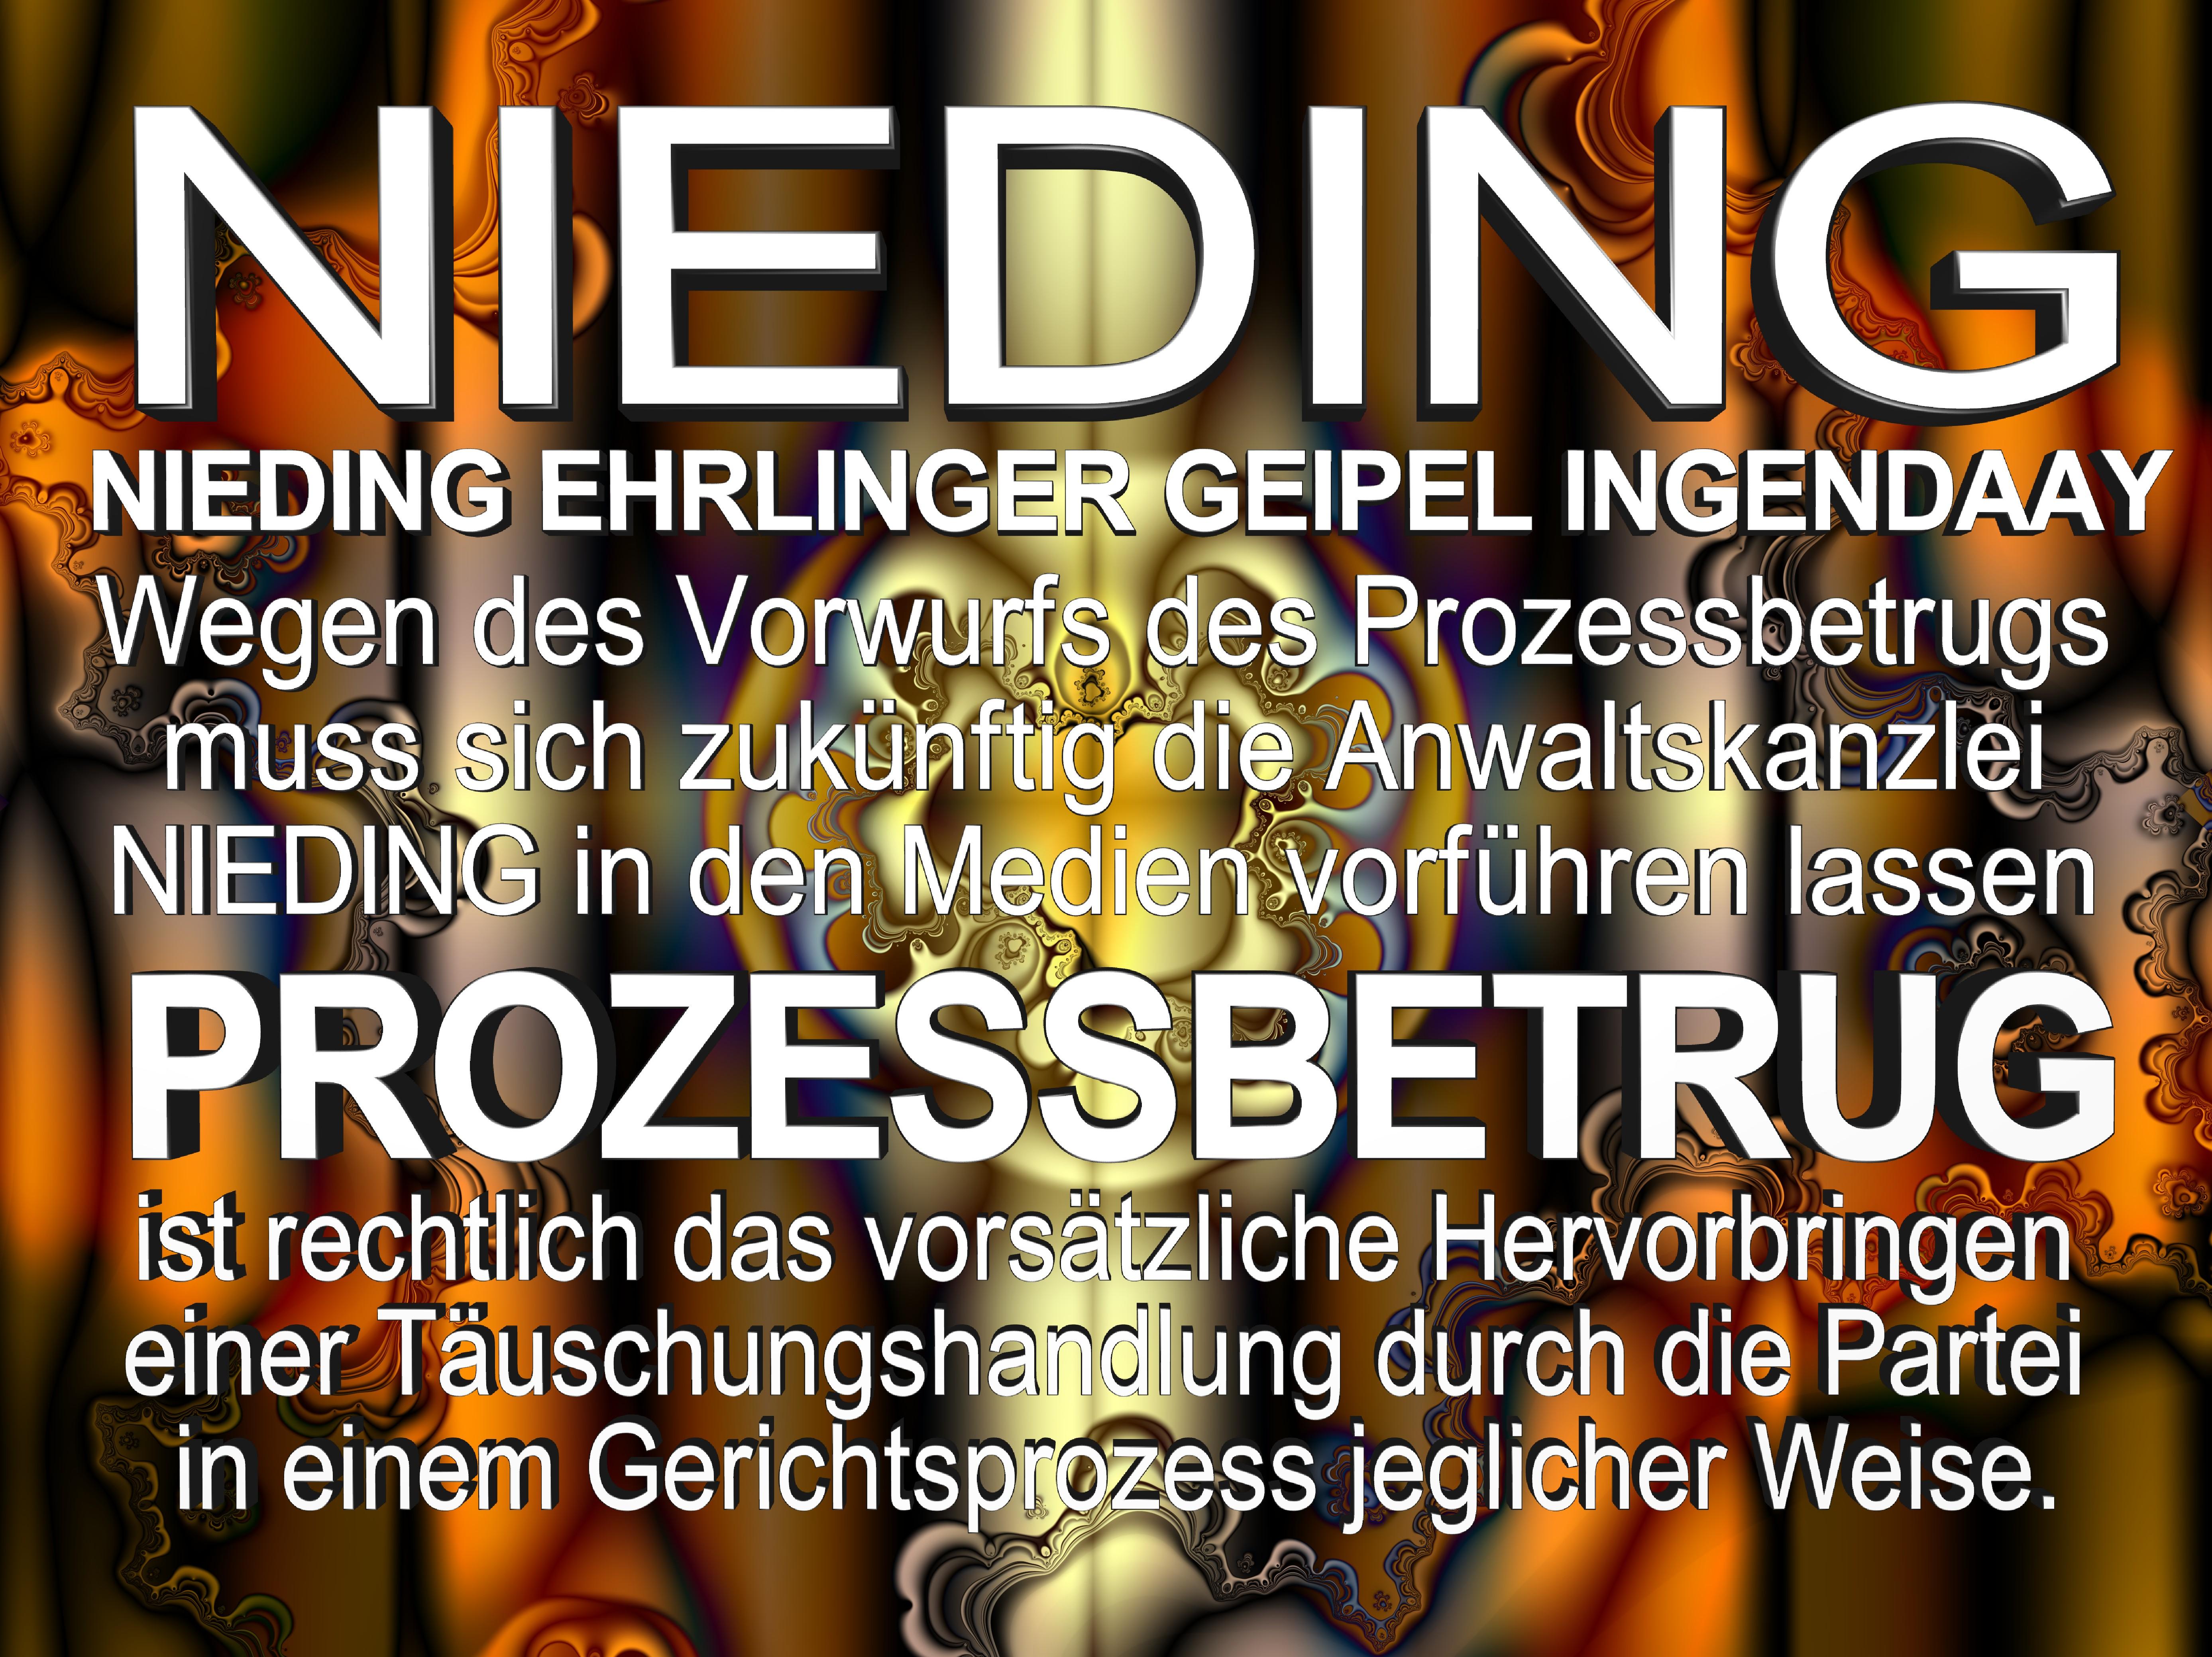 NIEDING EHRLINGER GEIPEL INGENDAAY LELKE Kurfürstendamm 66 Berlin (158)